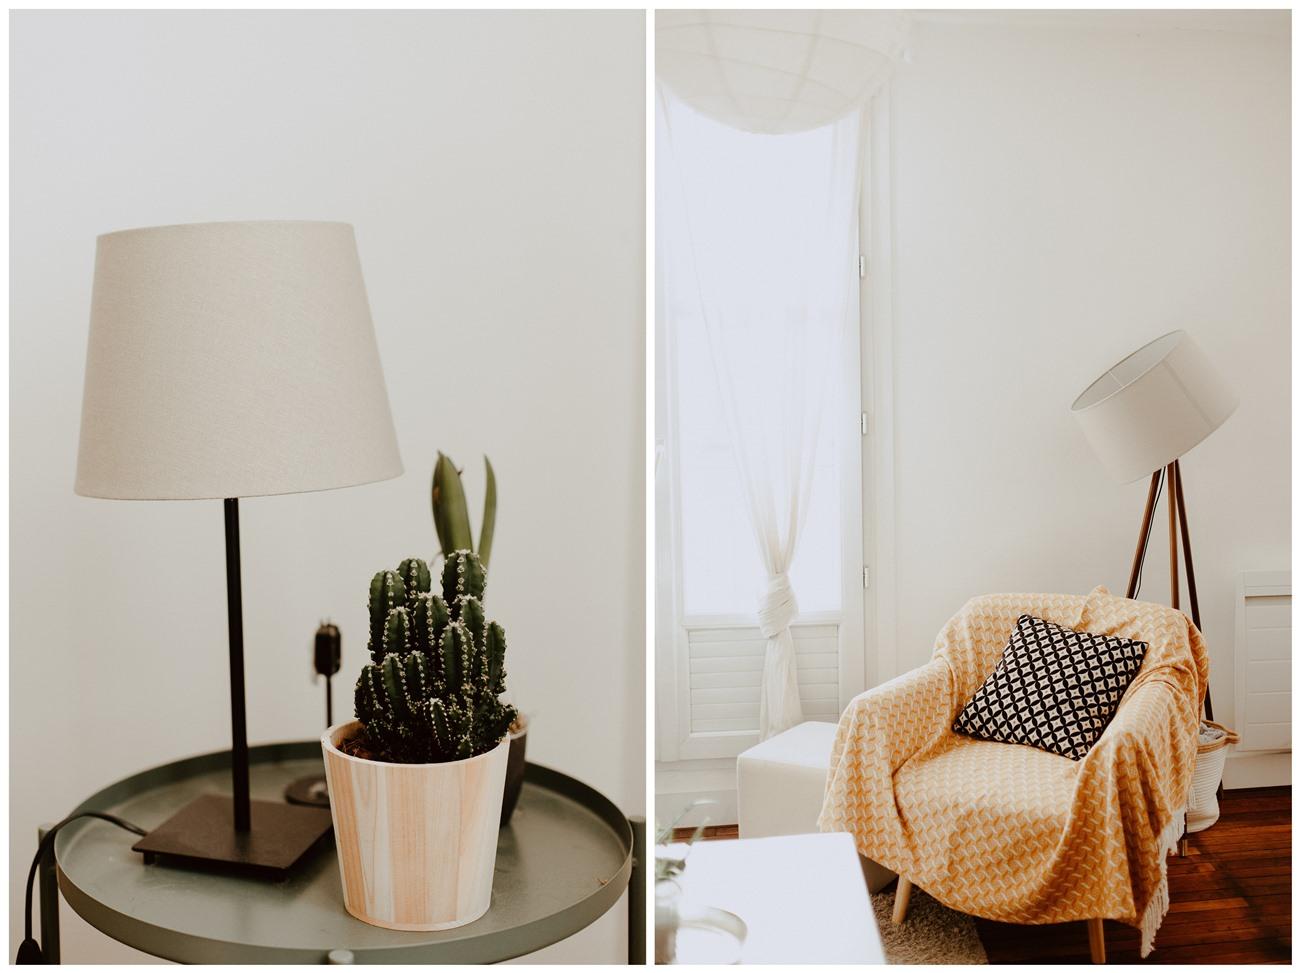 séance portrait intimiste intérieur déco lampes plante fauteuil